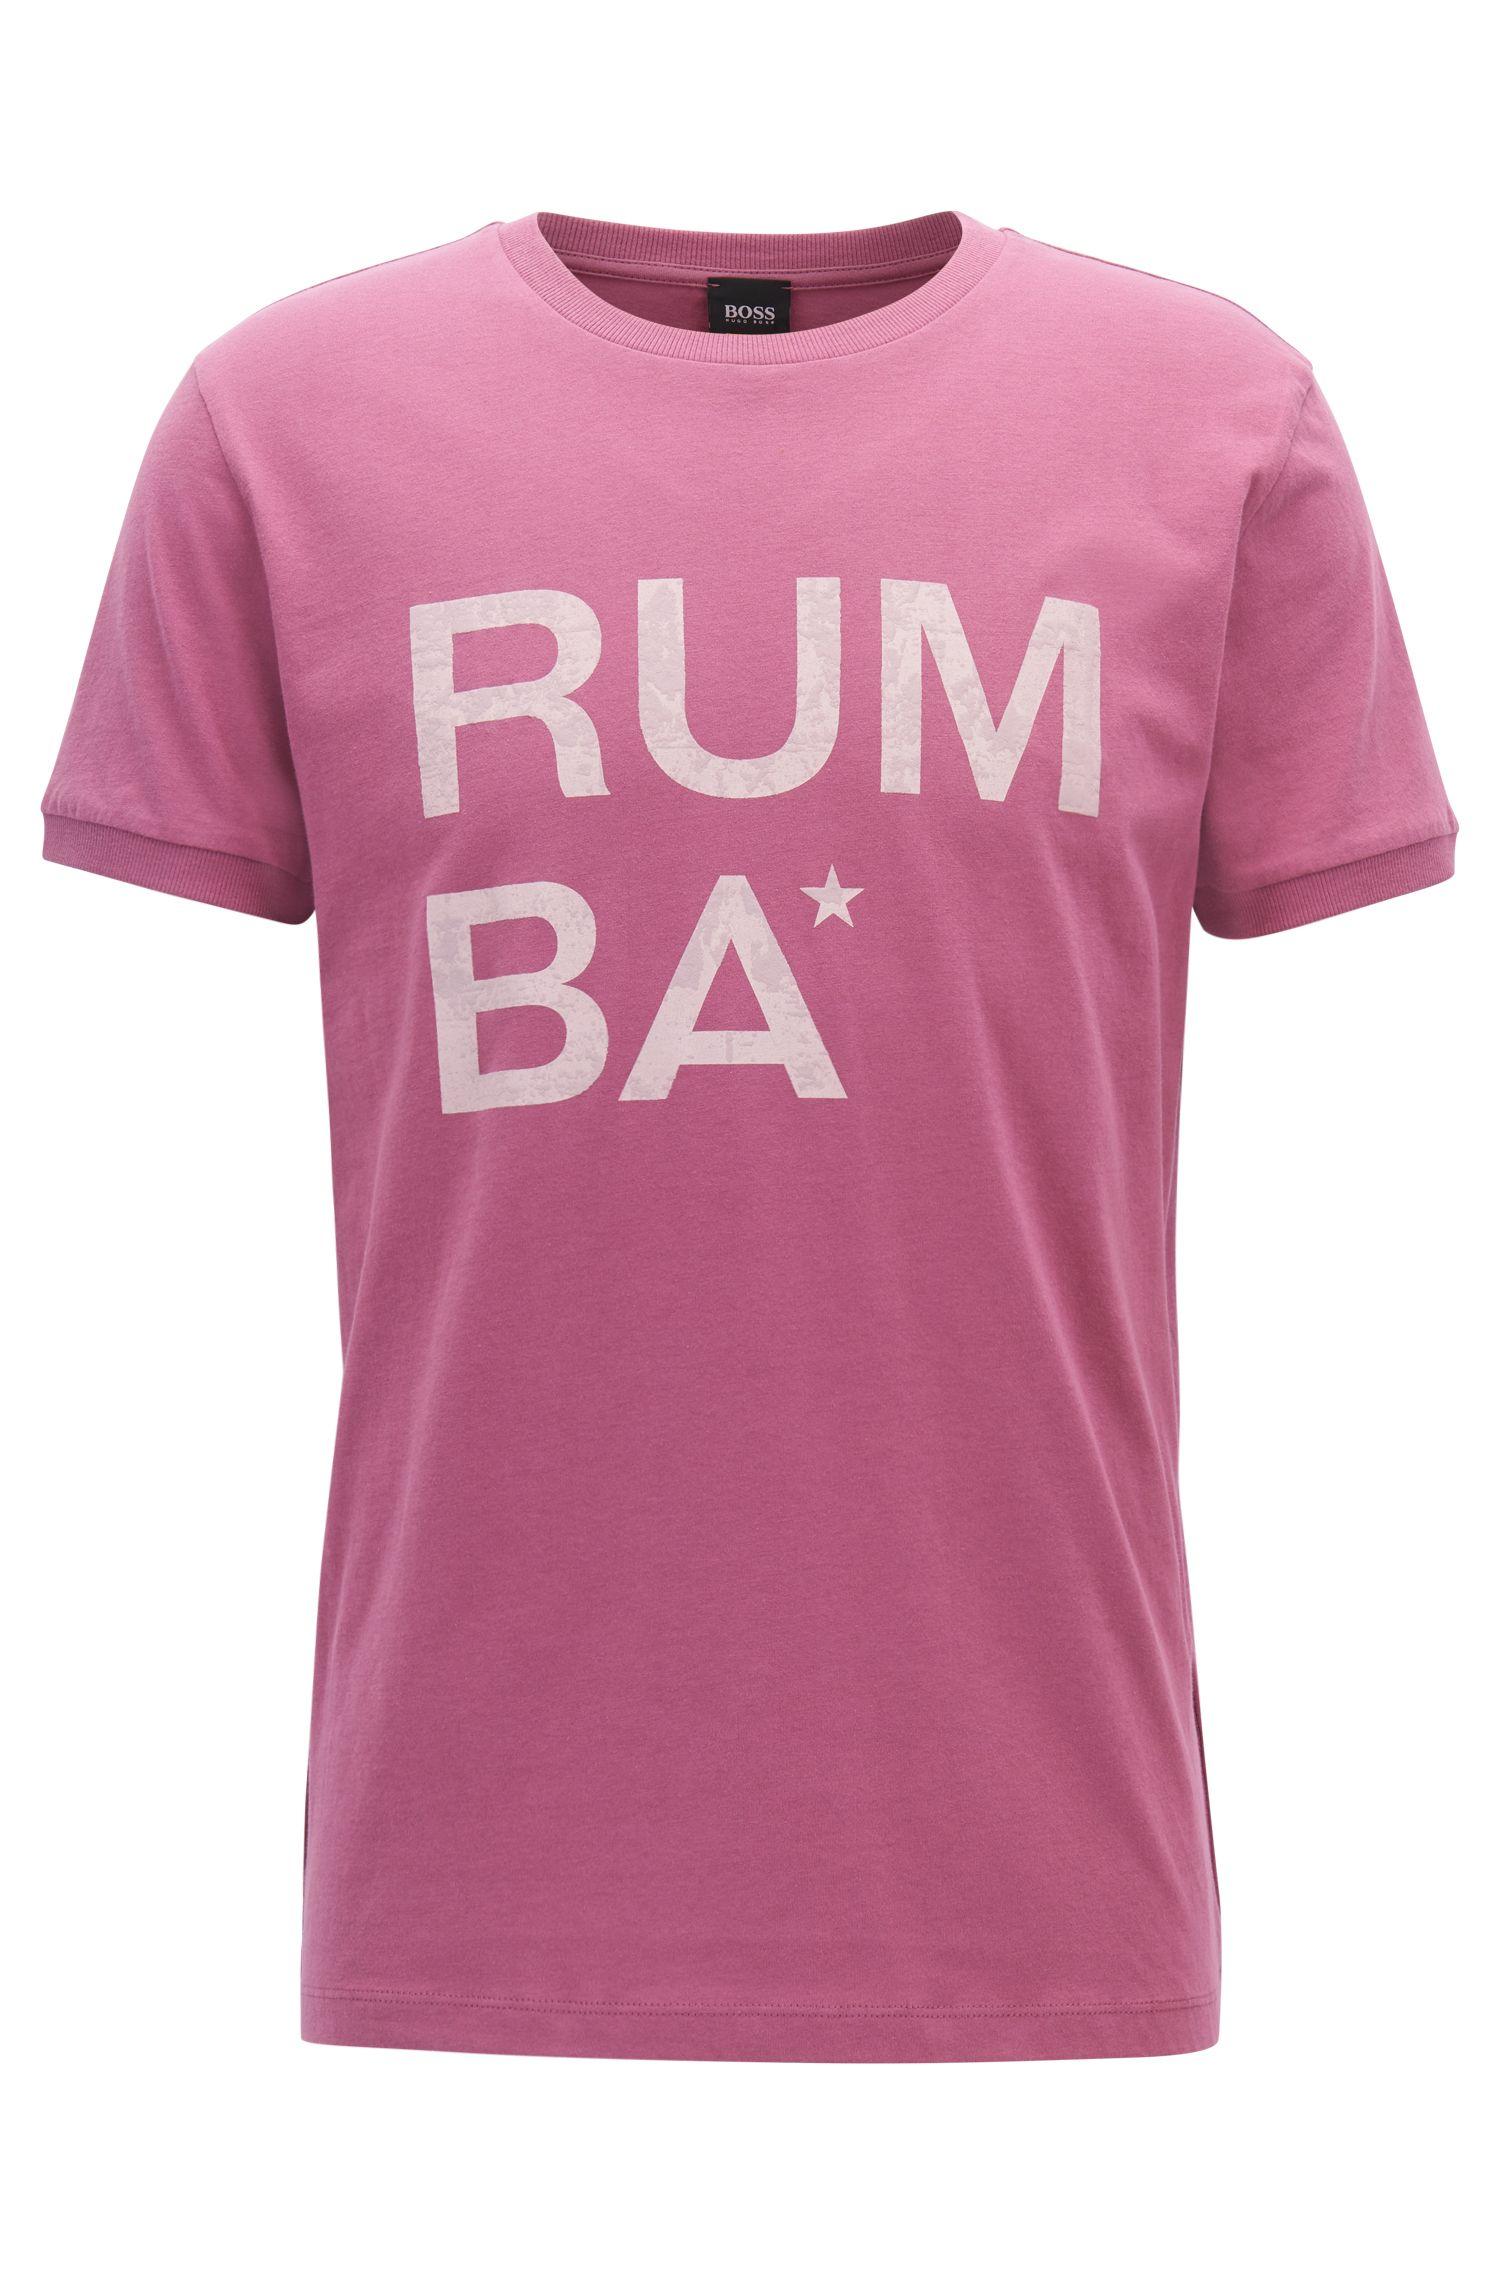 Cotton Graphic T-Shirt | Tauno